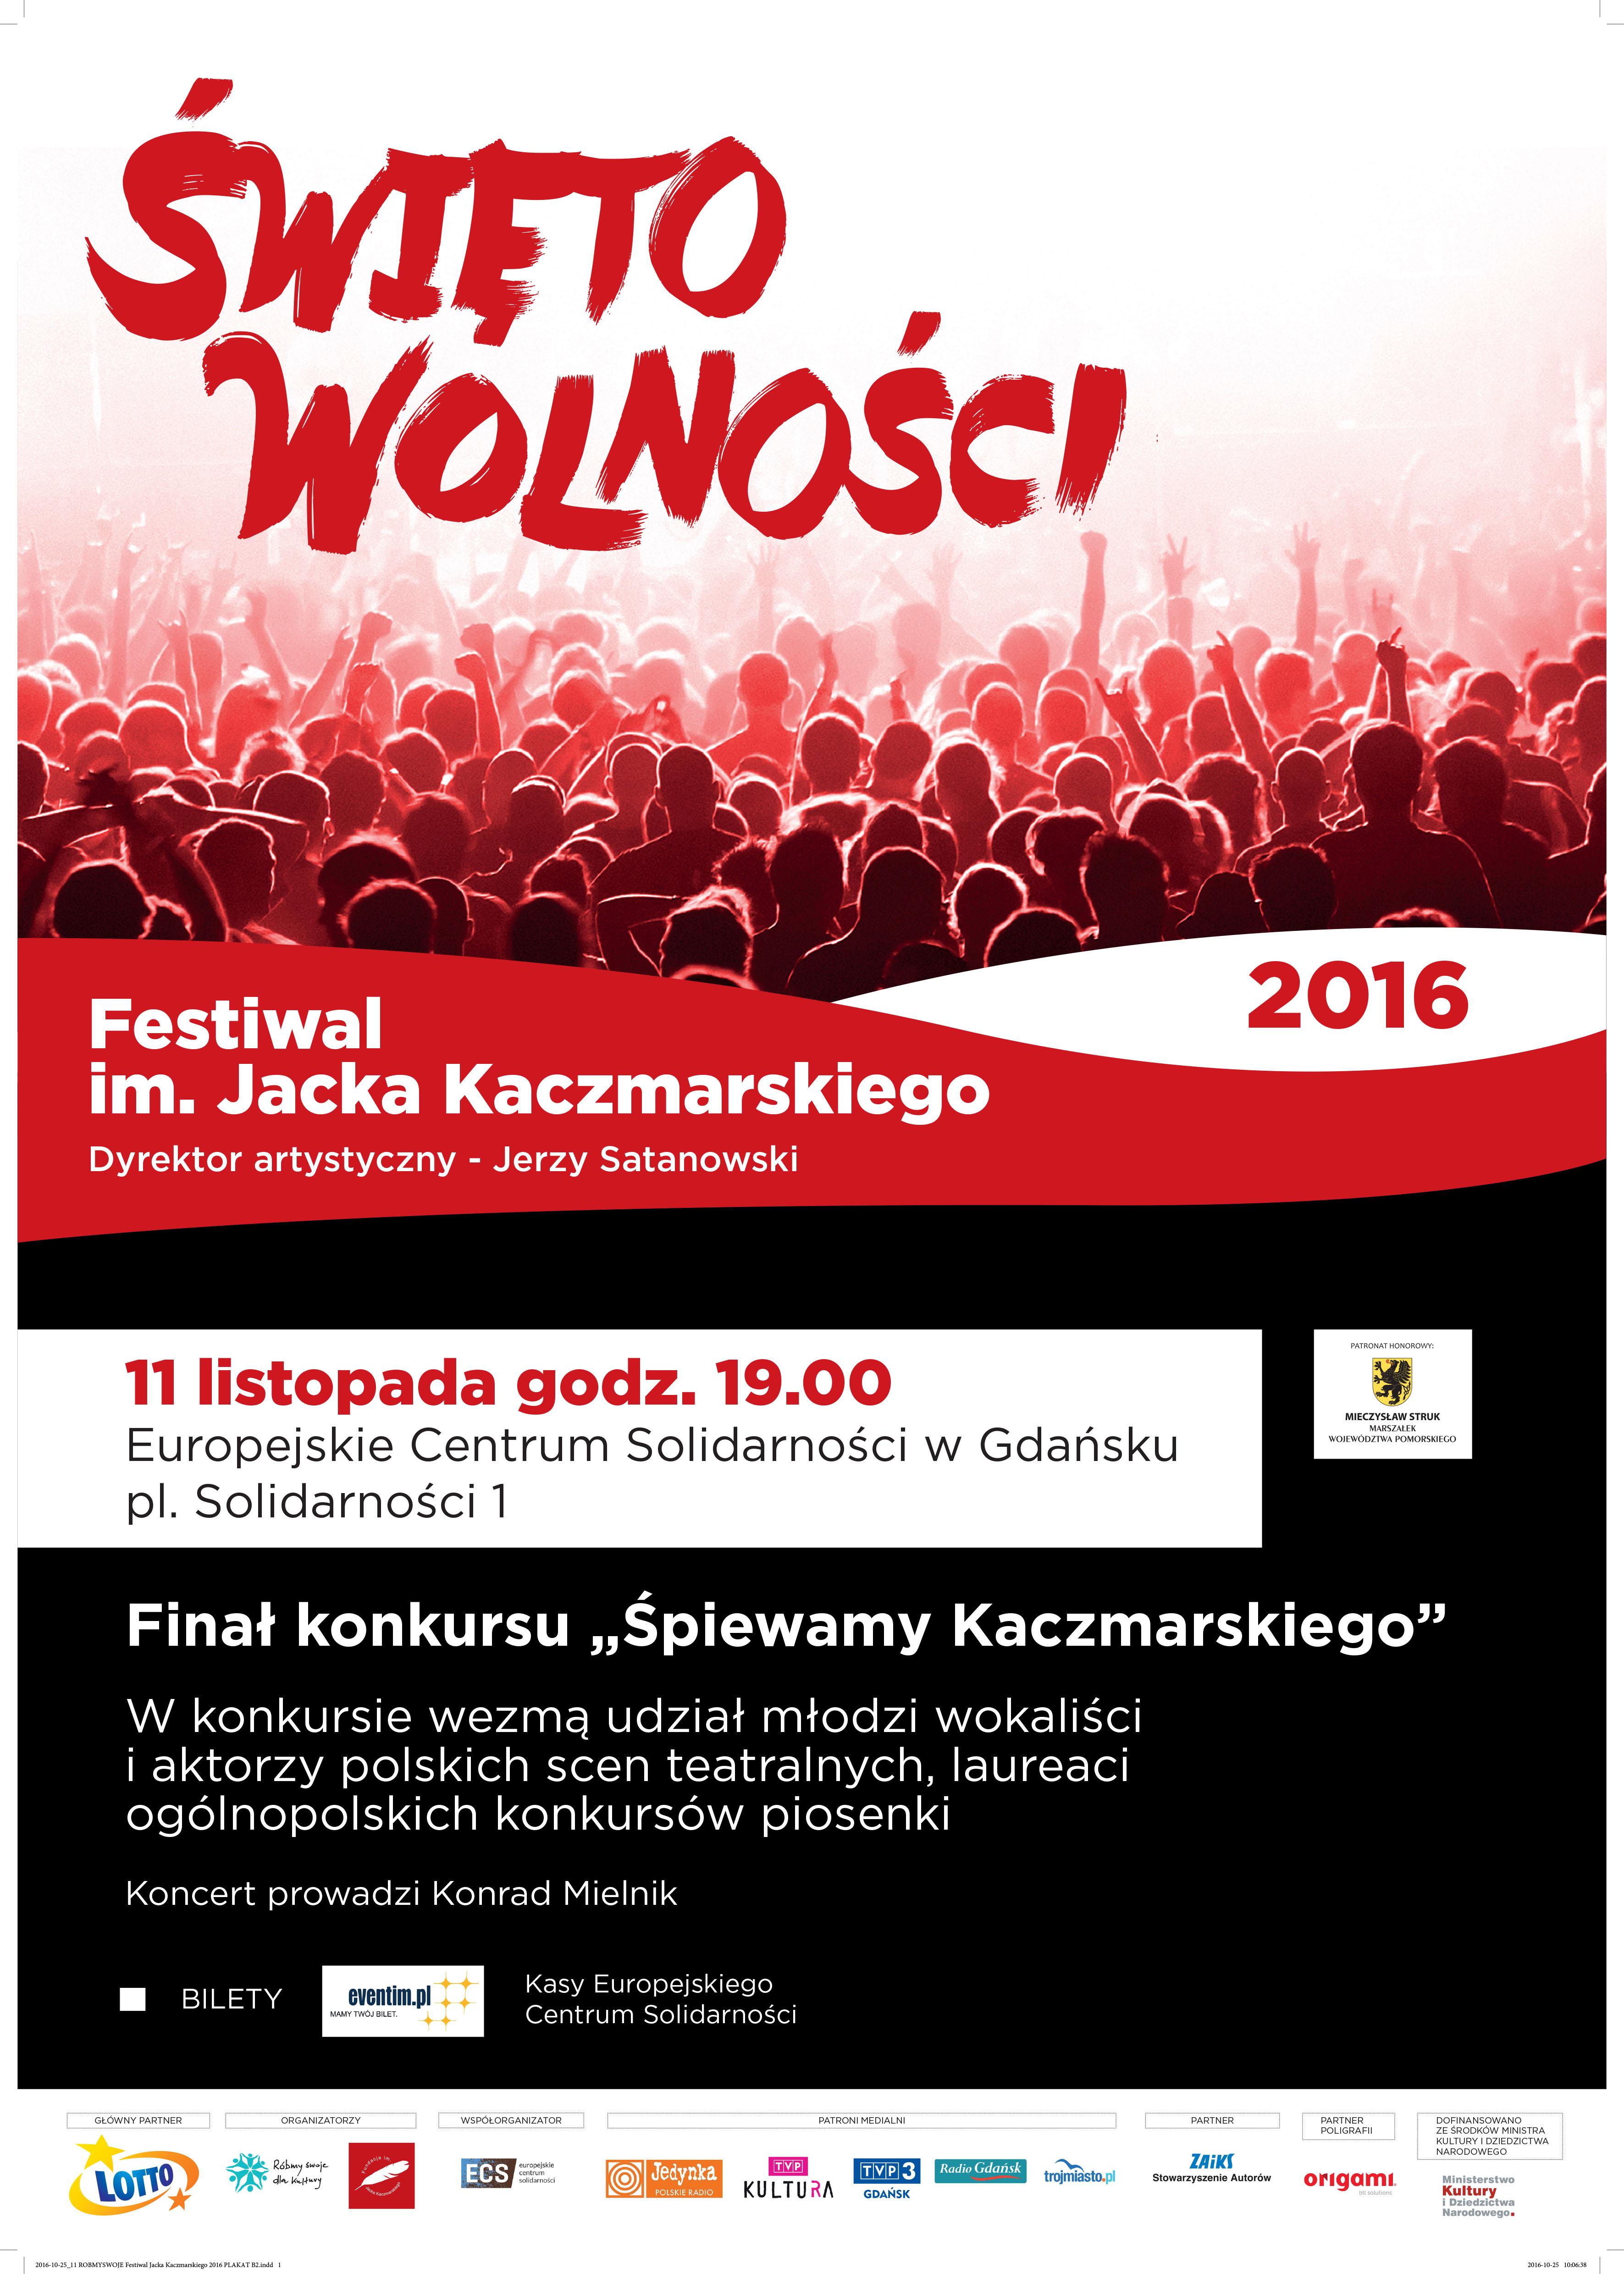 20161025_11_robmyswoje_festiwal_jacka_kaczmarskiego_2016_plakat_b2_gdansk